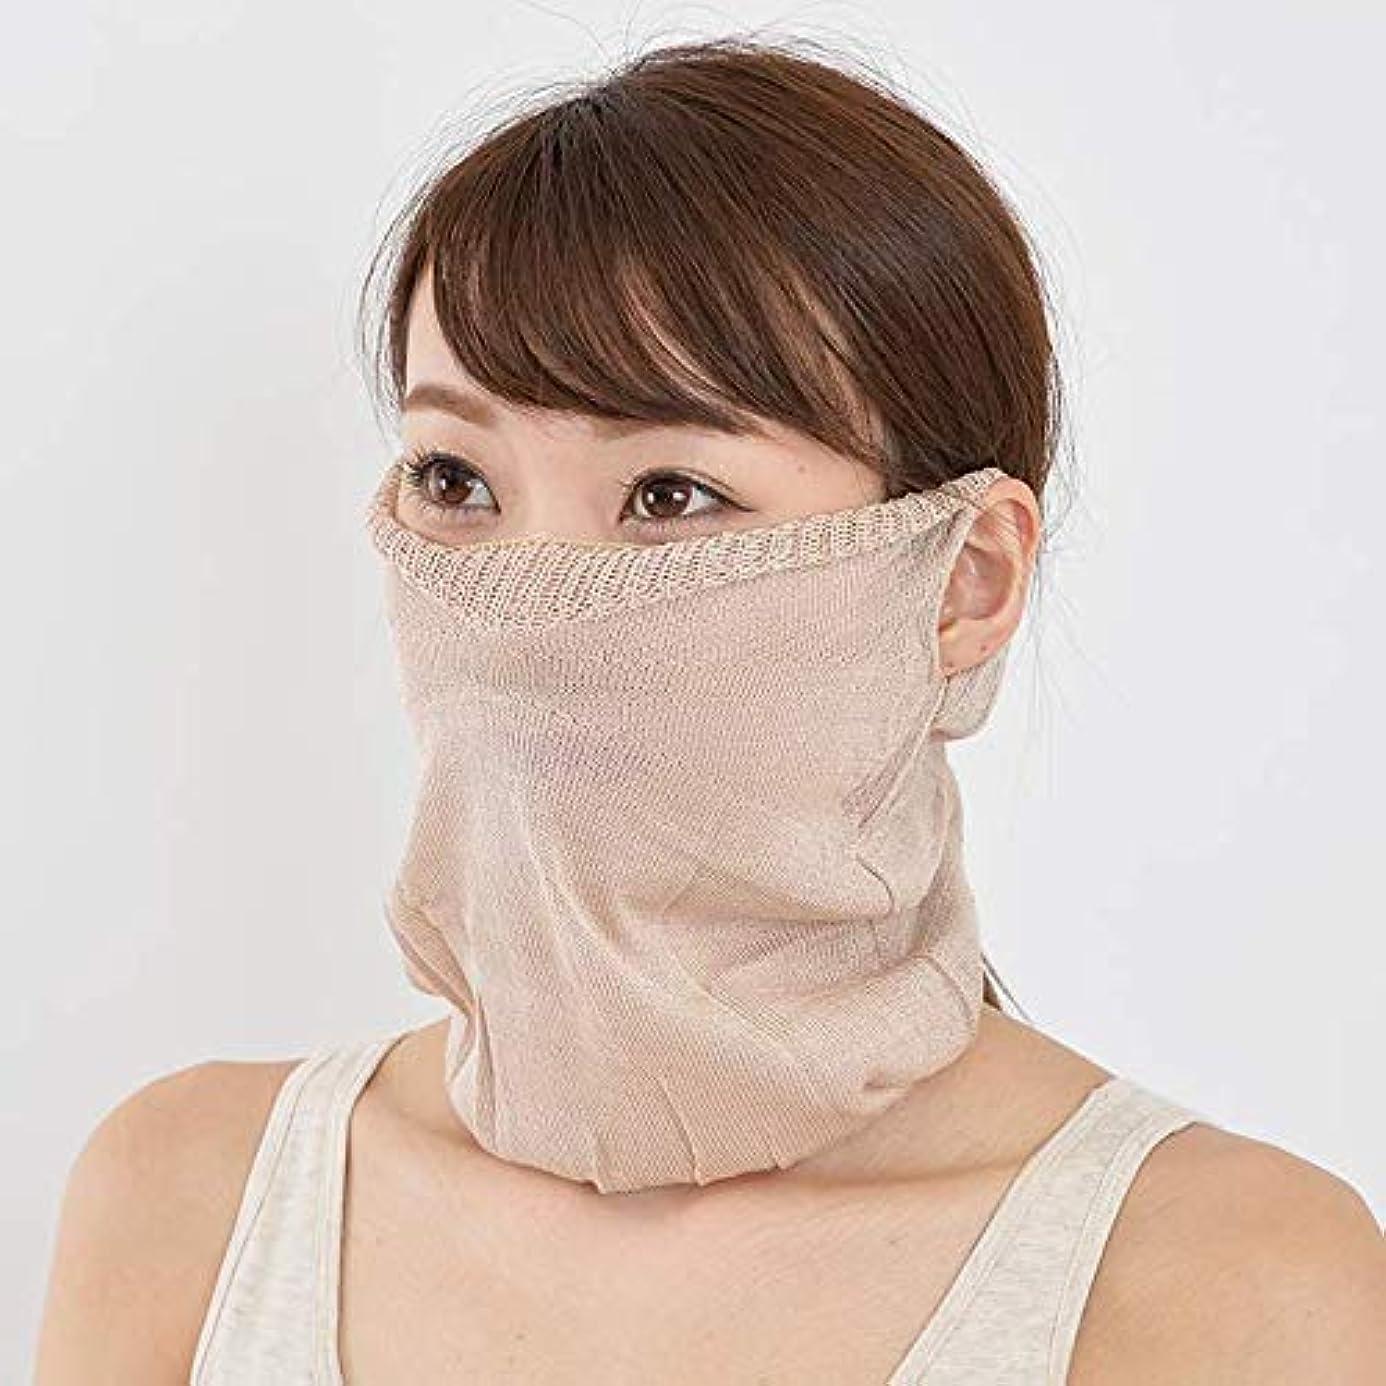 高尚な地区適切な【SILK100%】無縫製 保湿マスク シルク100%  シルクルミ  ホールガーメント® 日本製 工場直販 4035-3317(ベージュ)